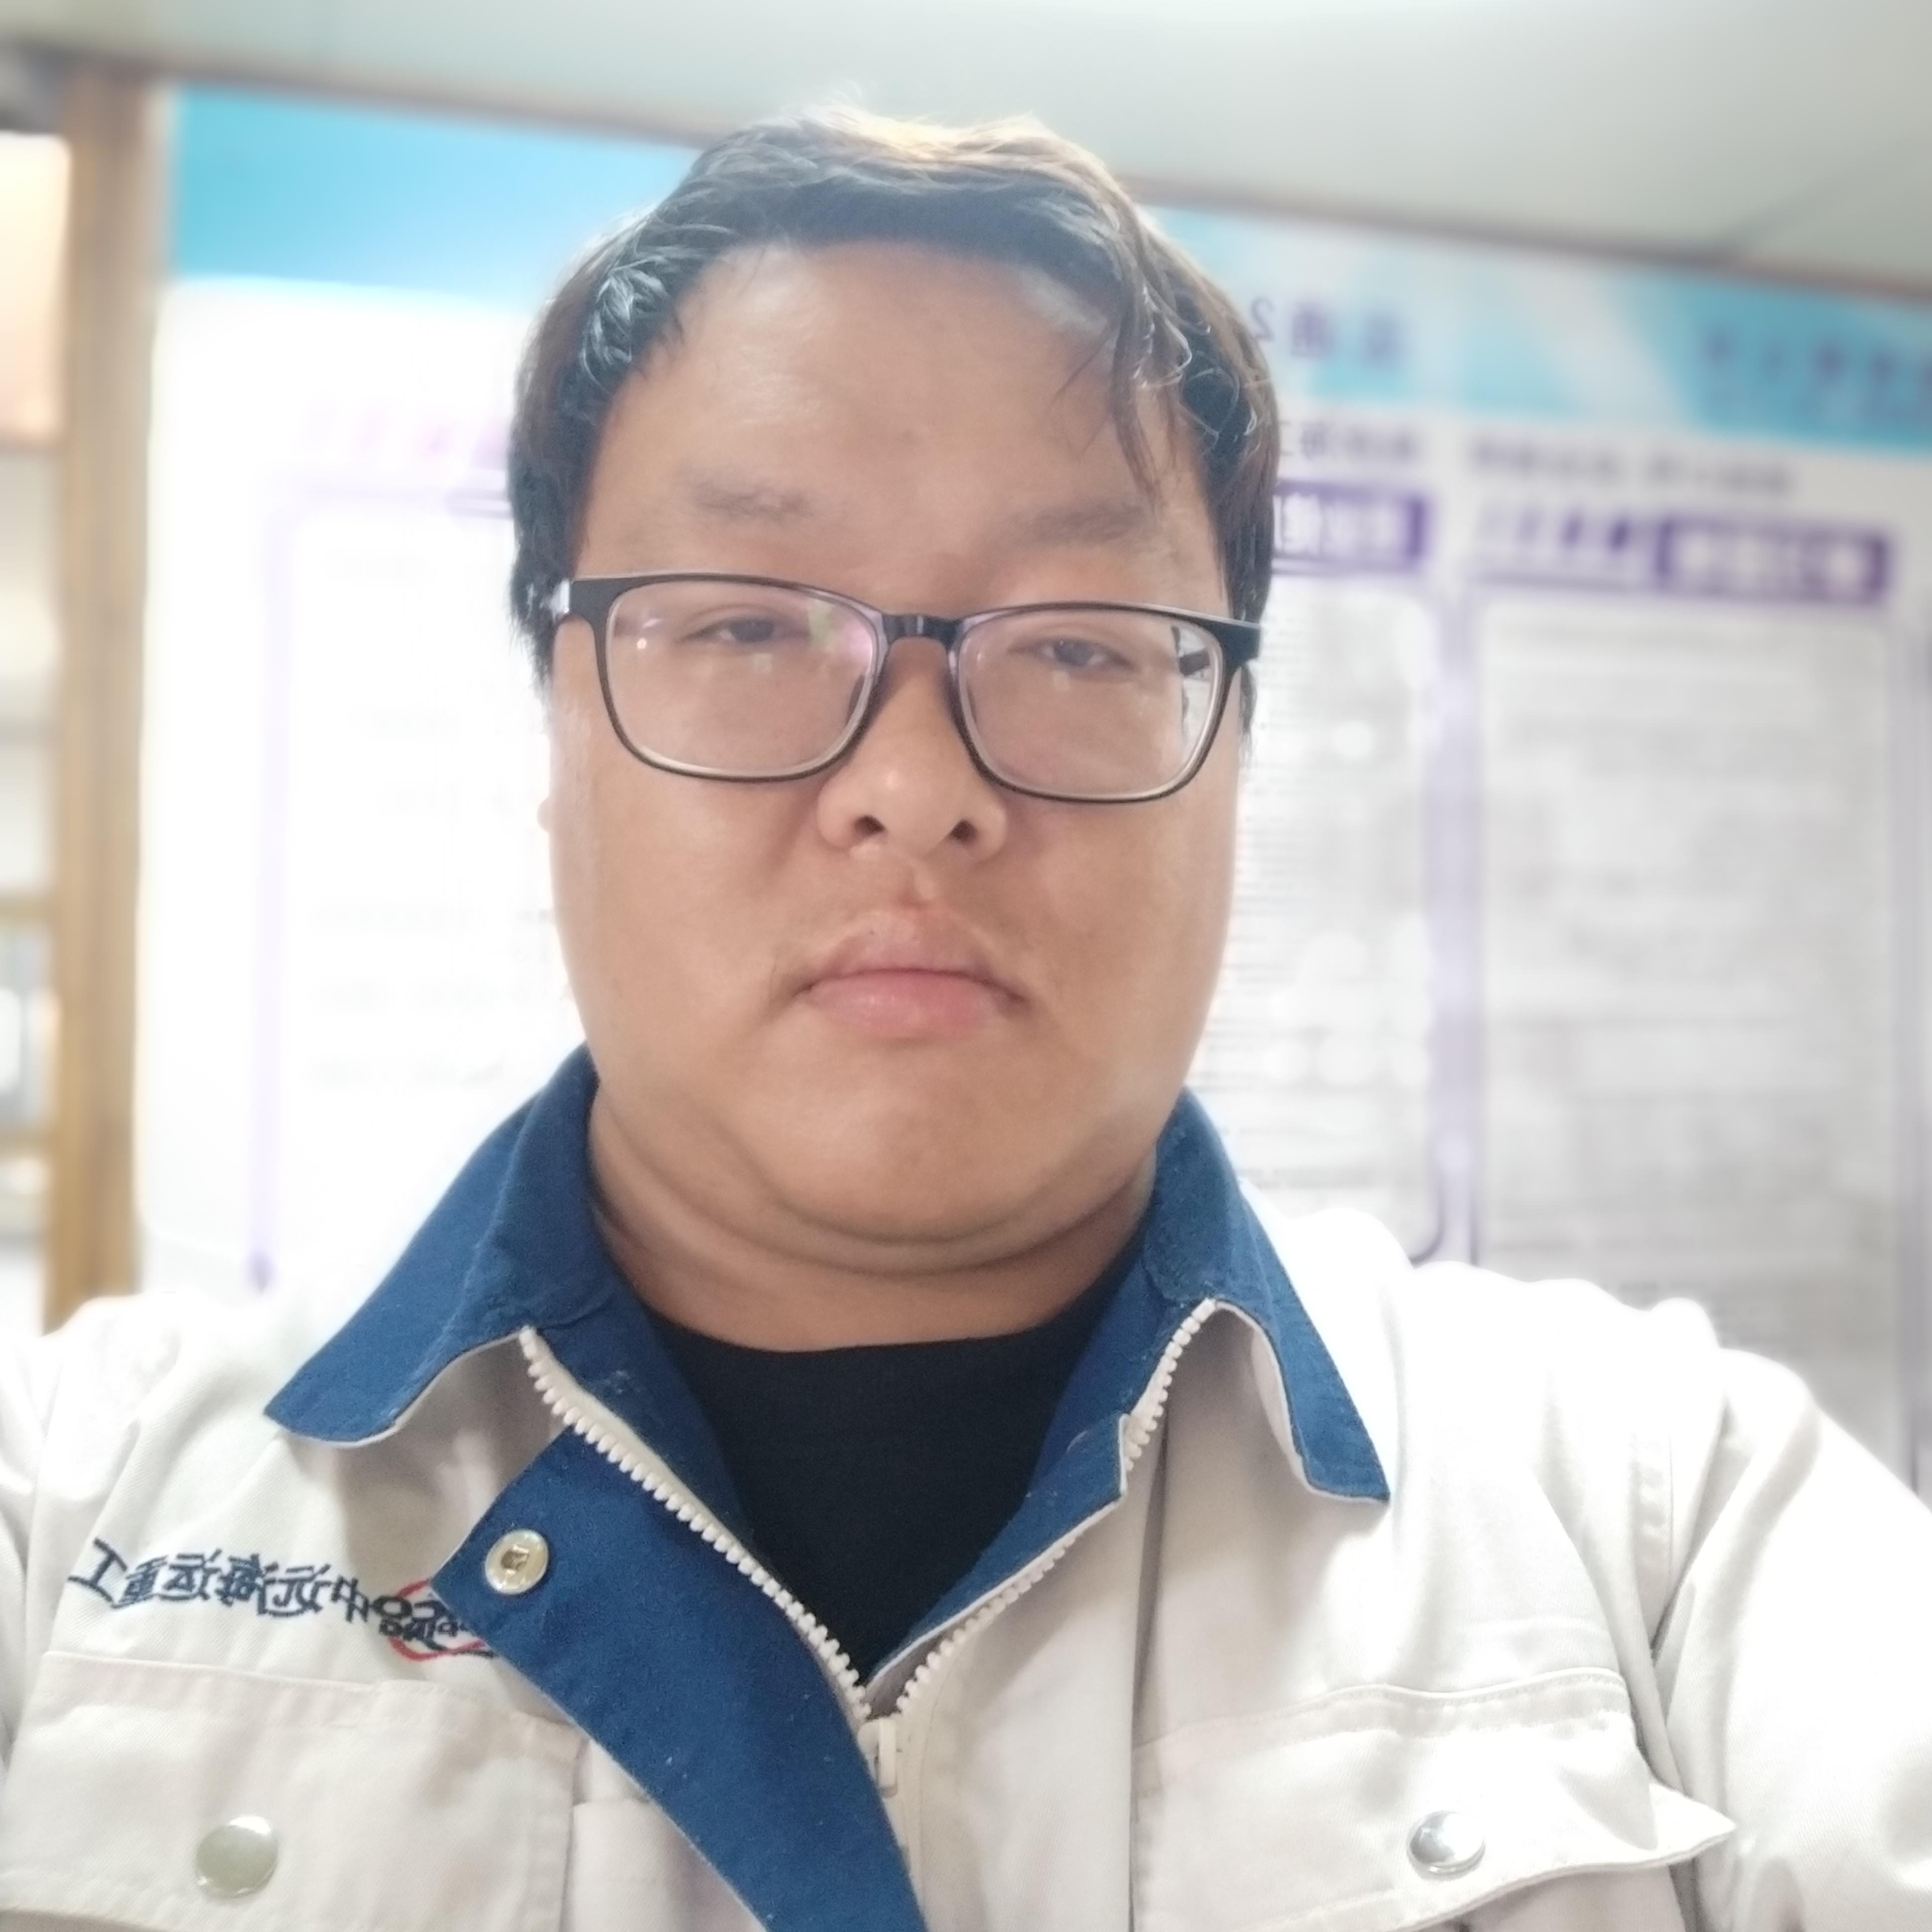 王晓凯的照片